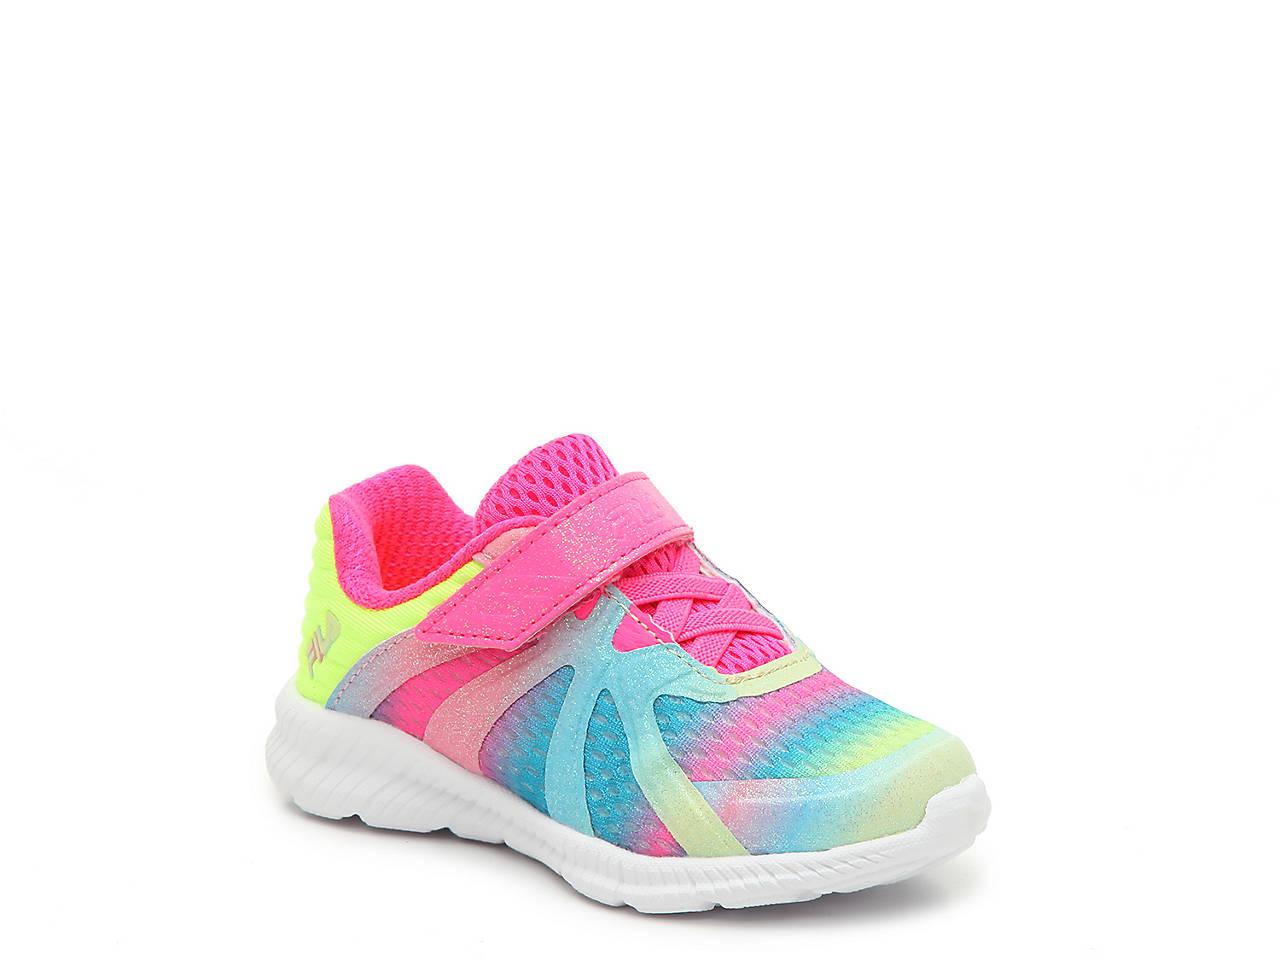 Fila Fraction 3 Sneaker Kids' Kids Shoes DSW  DSW